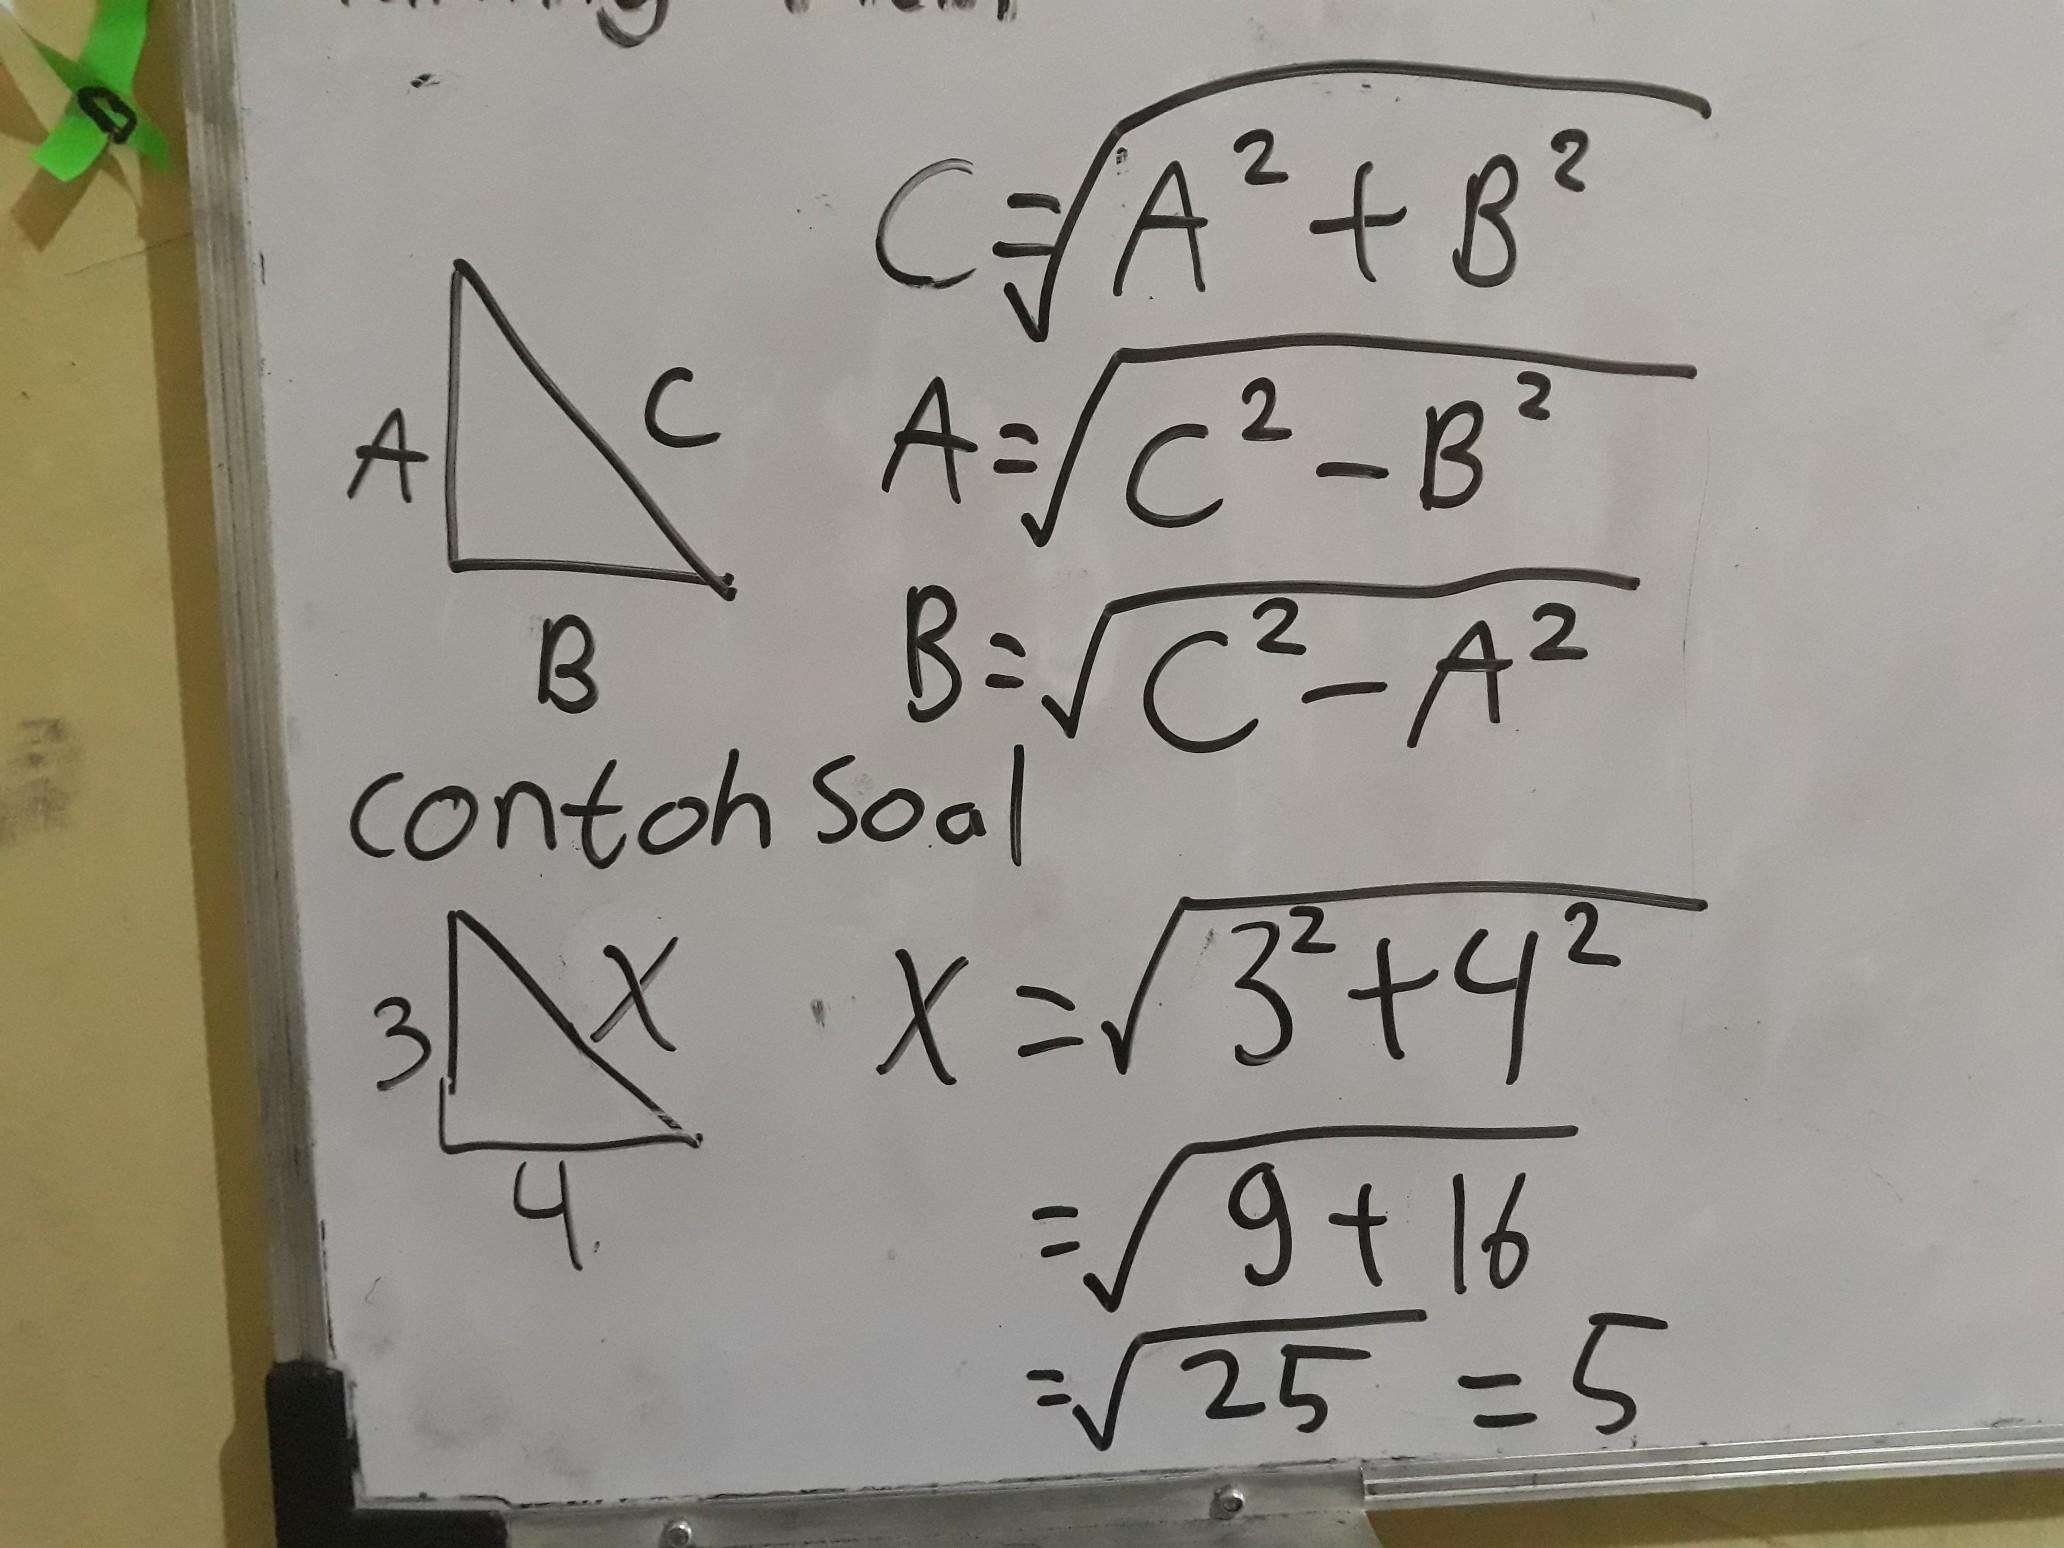 Tuliskan Rumus Teorema Phytagoras Beserta Contoh Soal Dan Jawabannya Terima Kasih Brainly Co Id